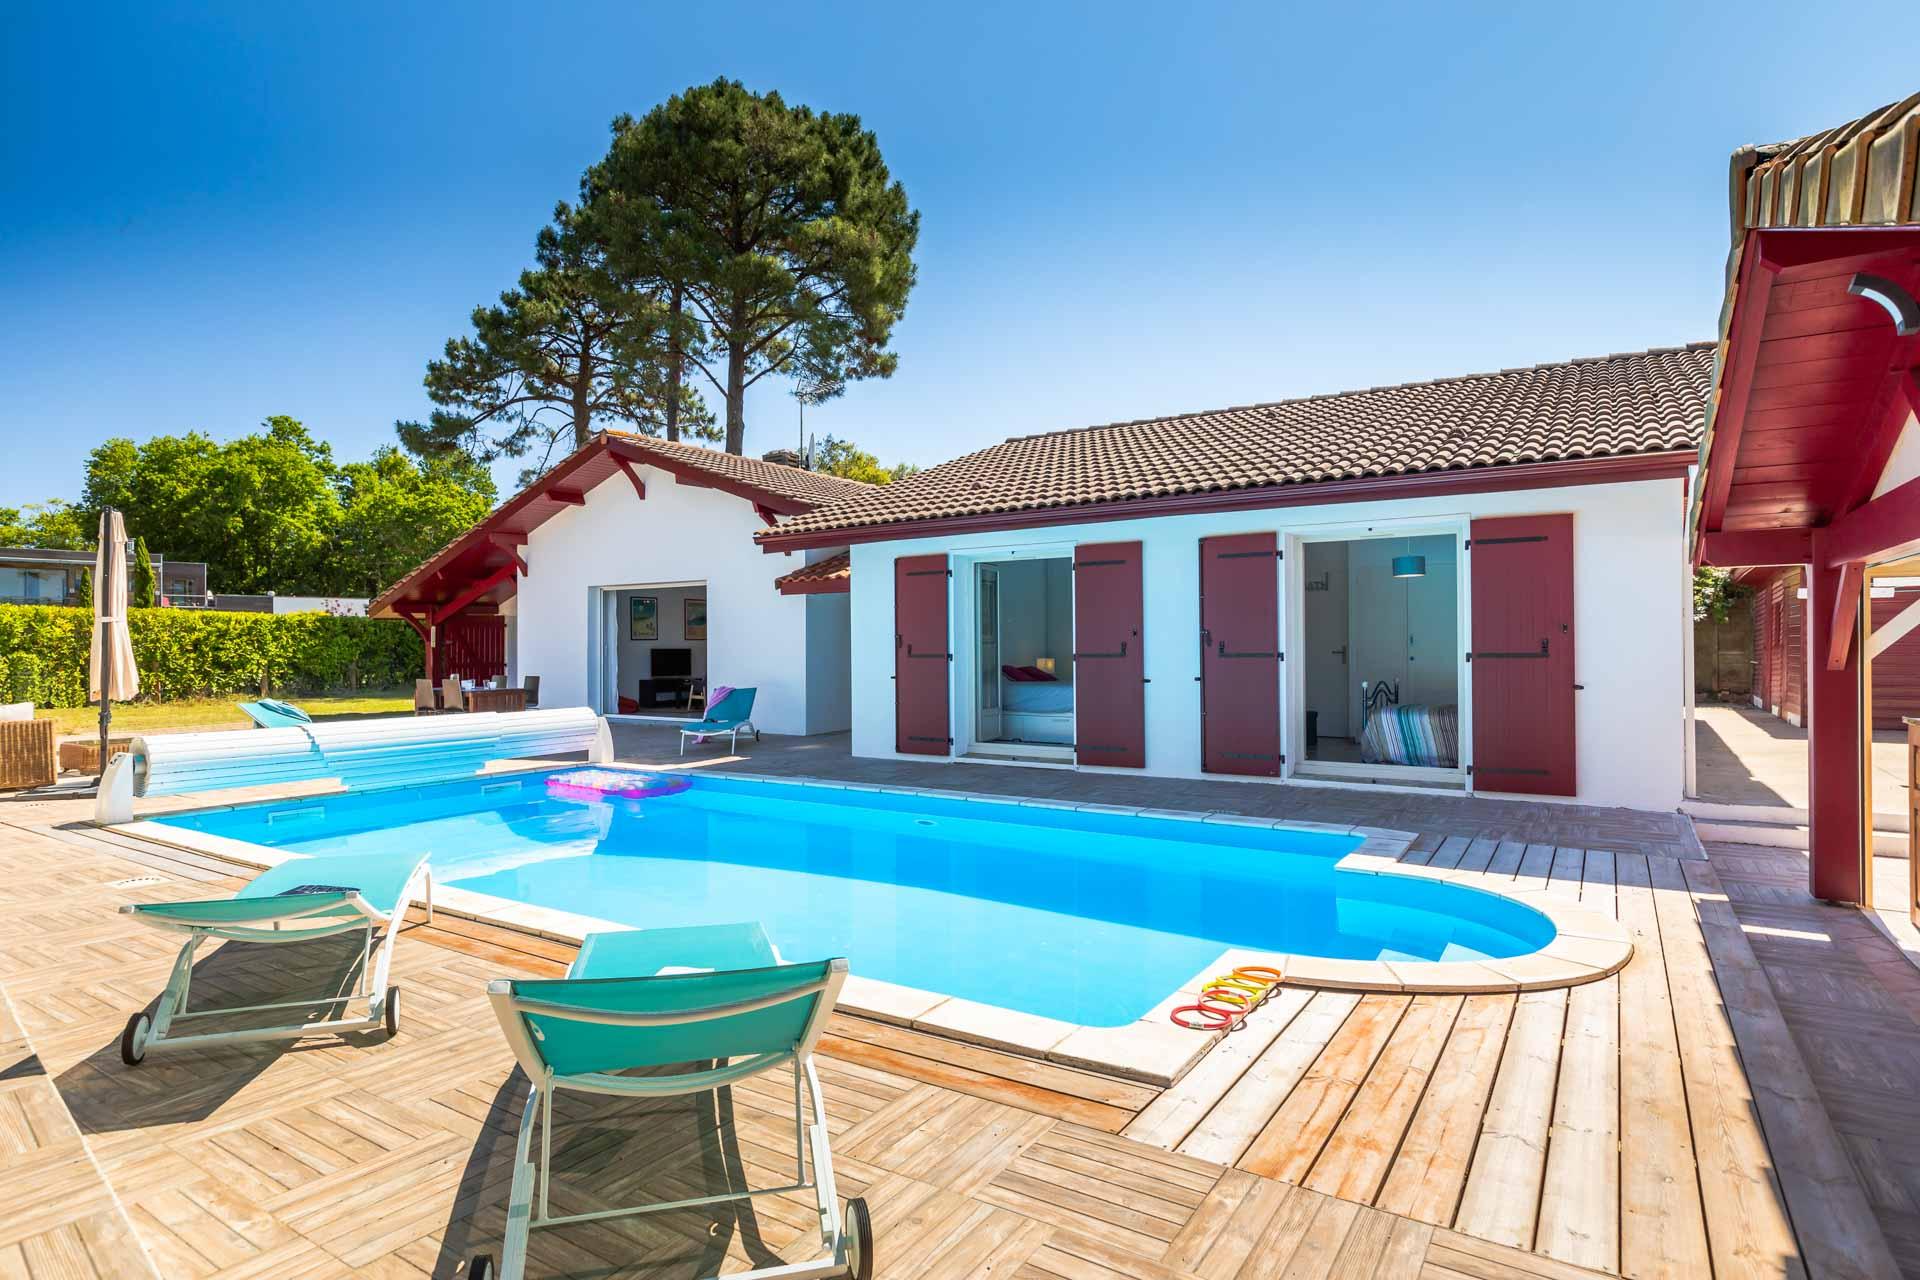 Capbreton calme avec piscine chauff e maison sud ouest - Location maison sud ouest piscine ...